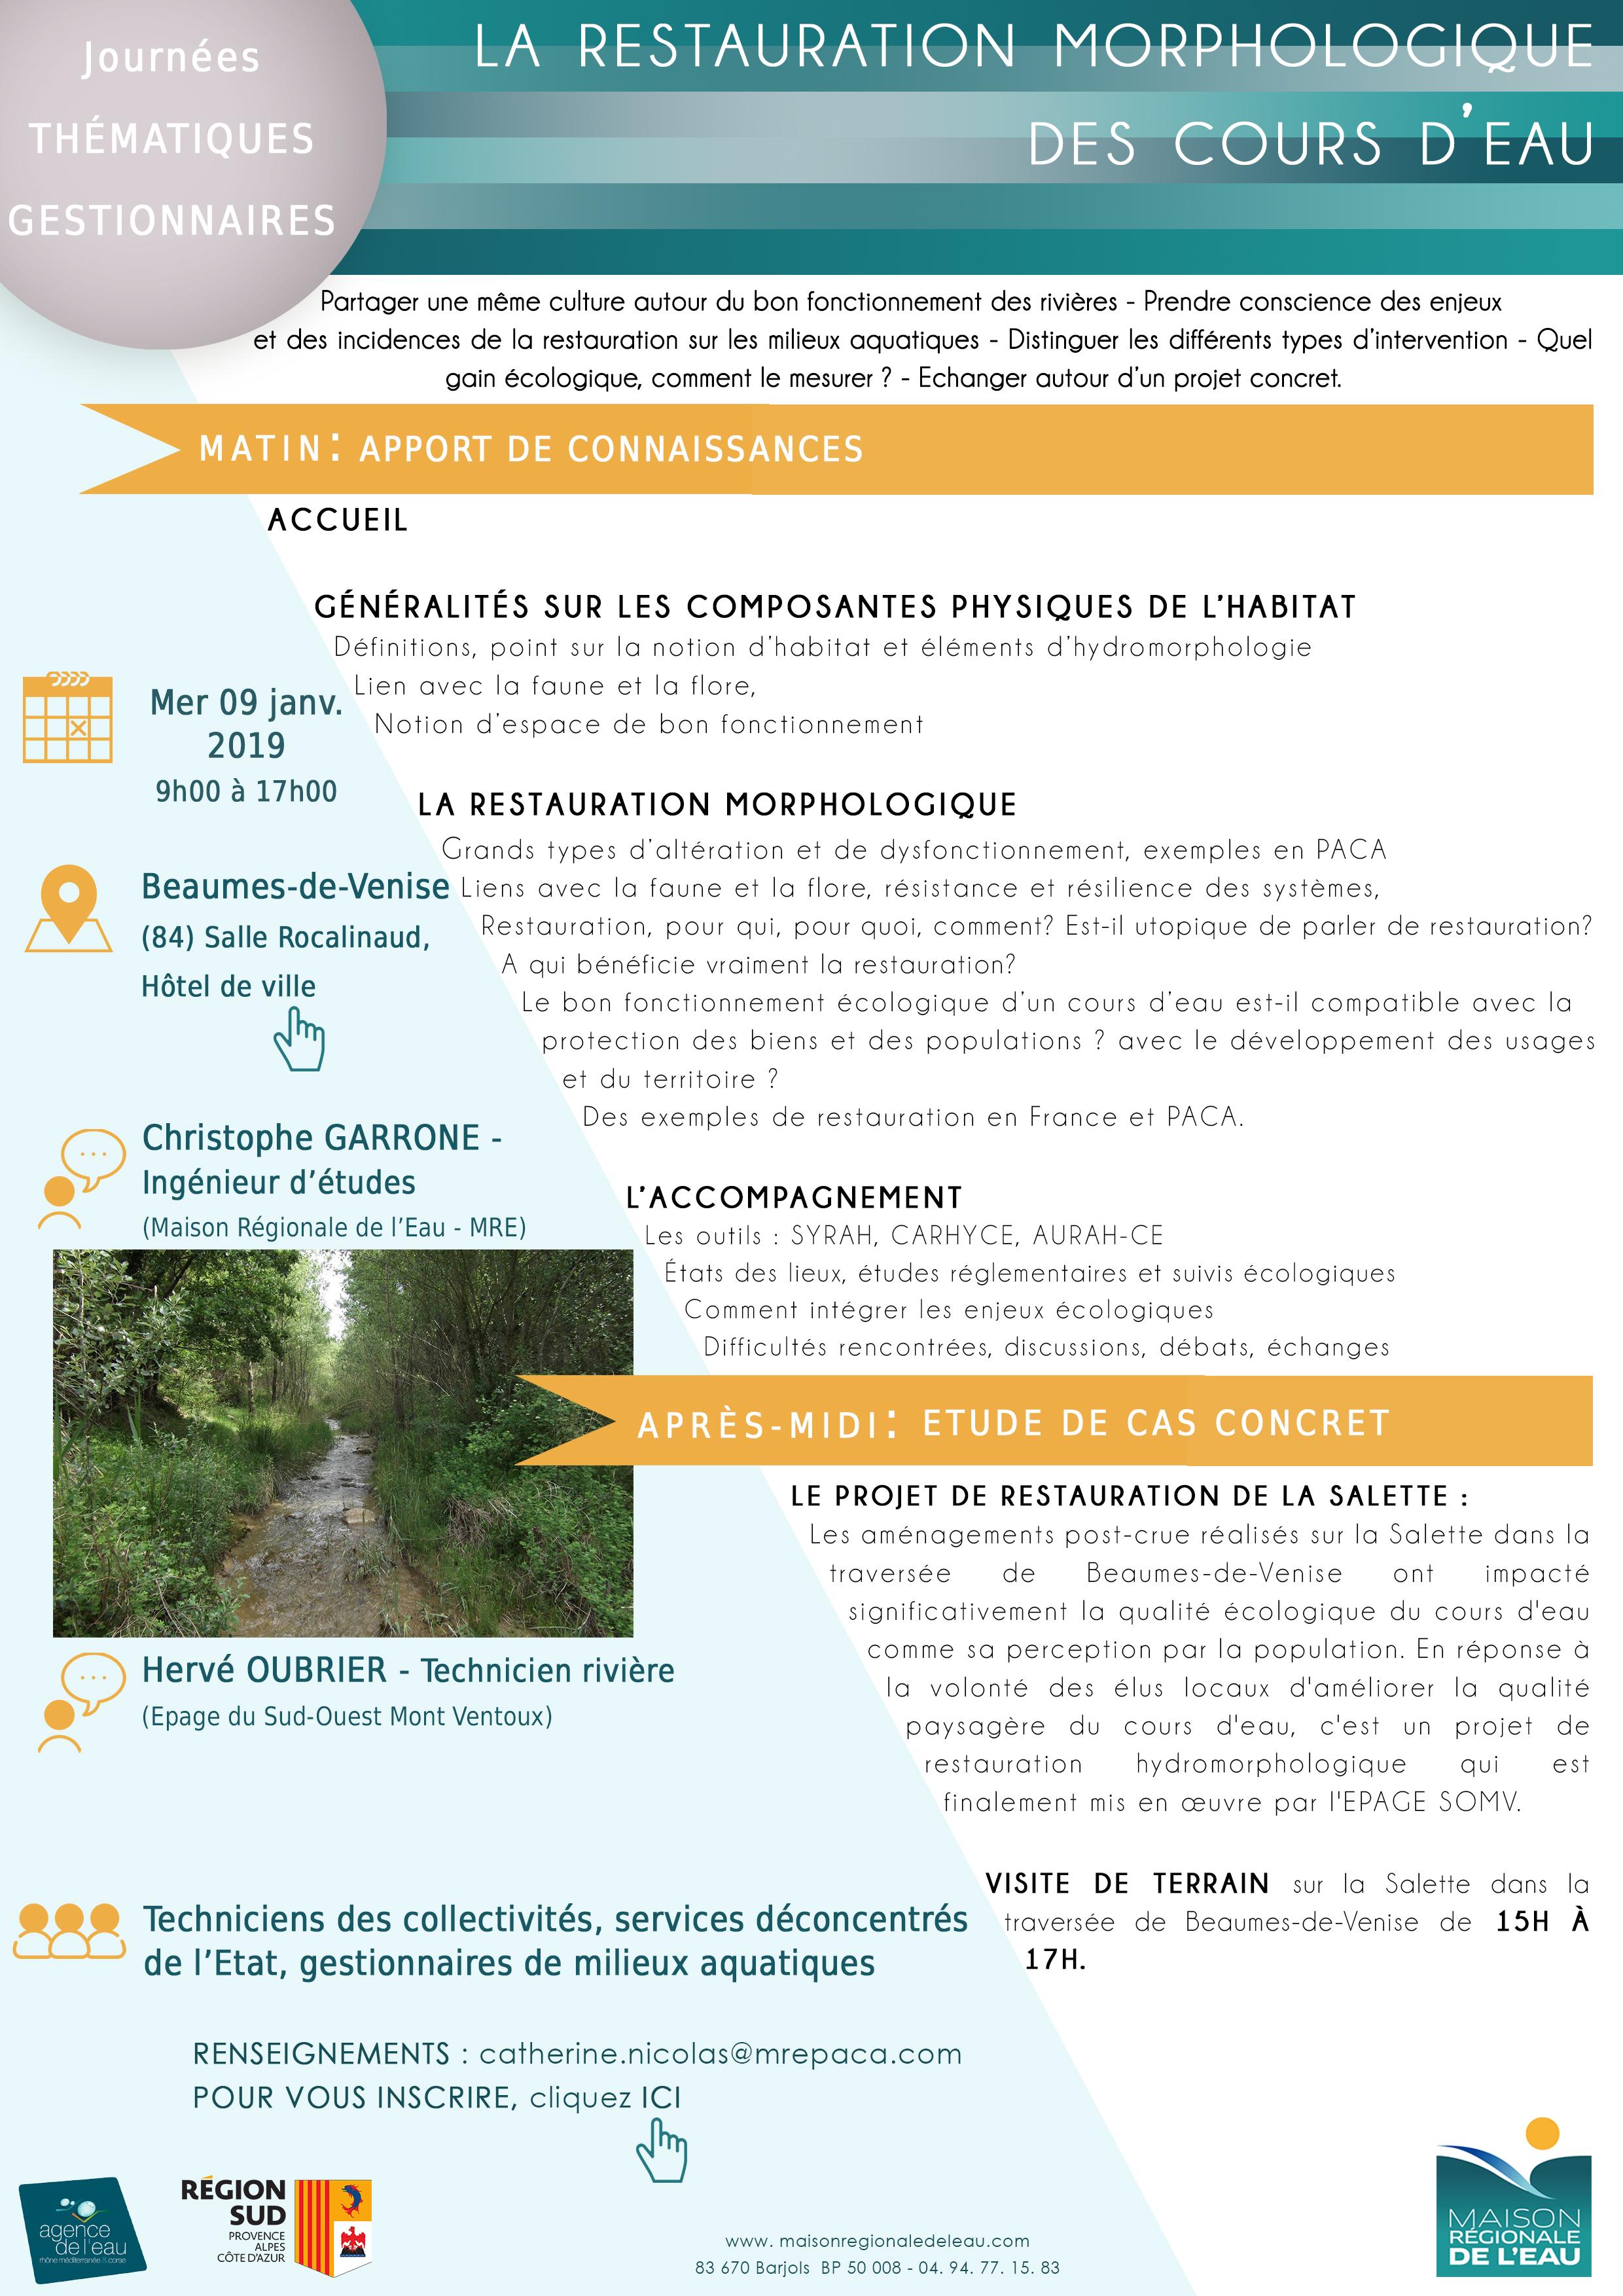 La restauration morphologiques des cours d'eau, le 9 janvier 2019 à Beaumes-de-Venise (84)